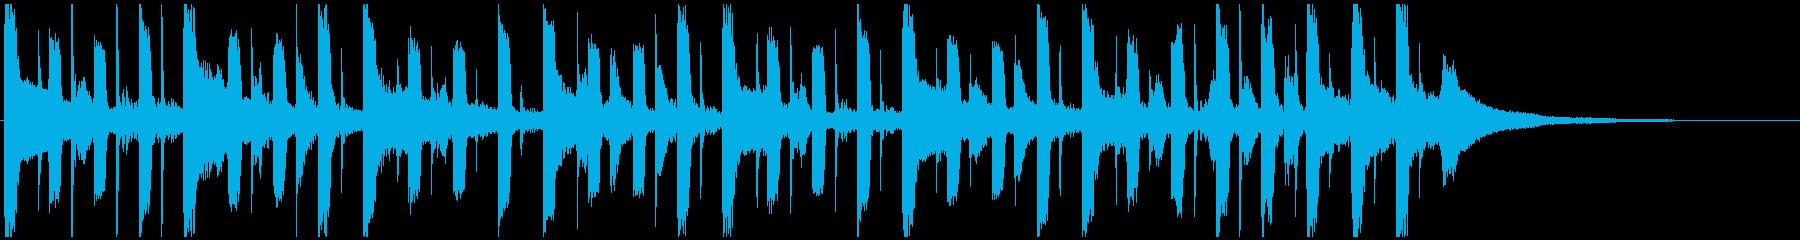 ガイダンス・オリエンテーションジングルBの再生済みの波形